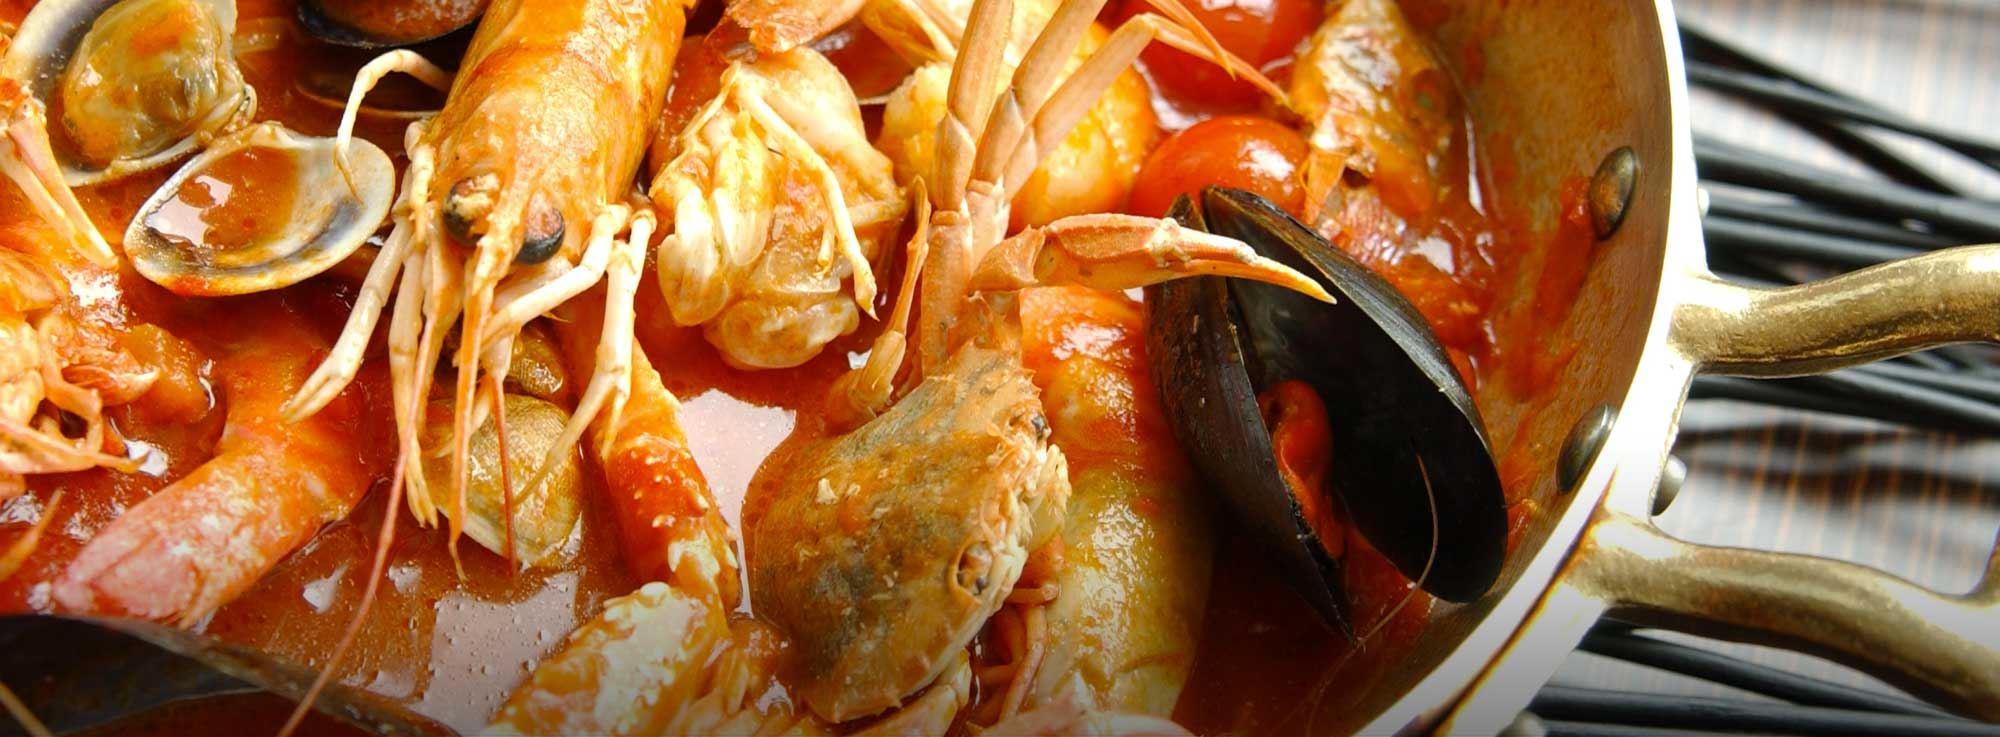 Ricetta: Ciambotto, zuppa di pesce alla pugliese